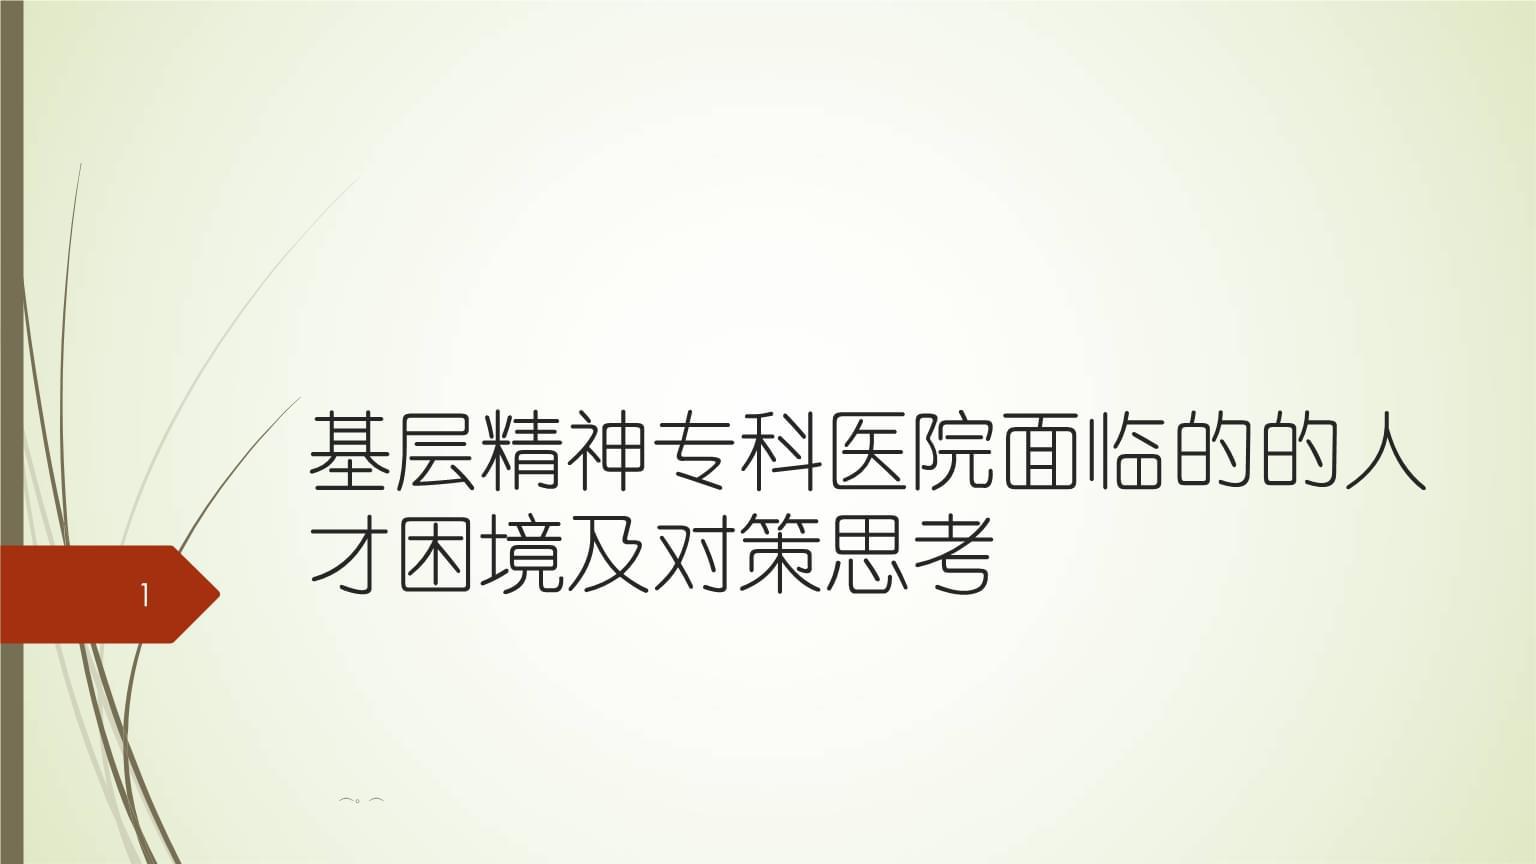 基层精神专科医院人力资源困境演示版.ppt